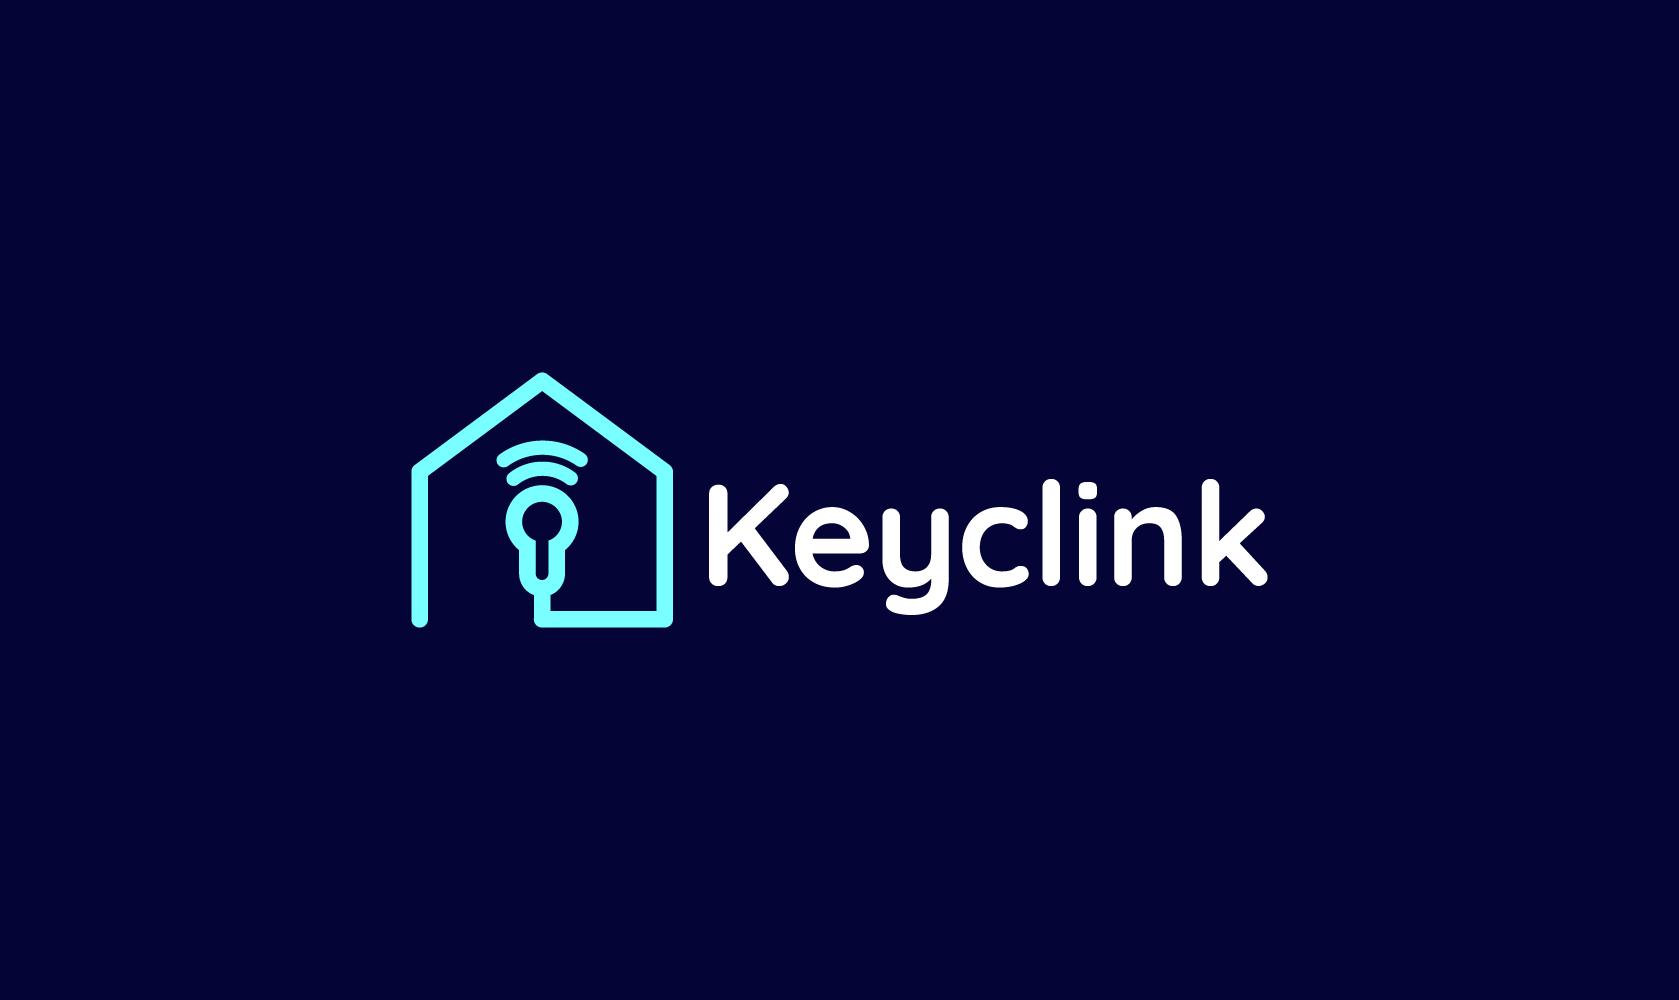 Keyclink - Smart home company name for sale